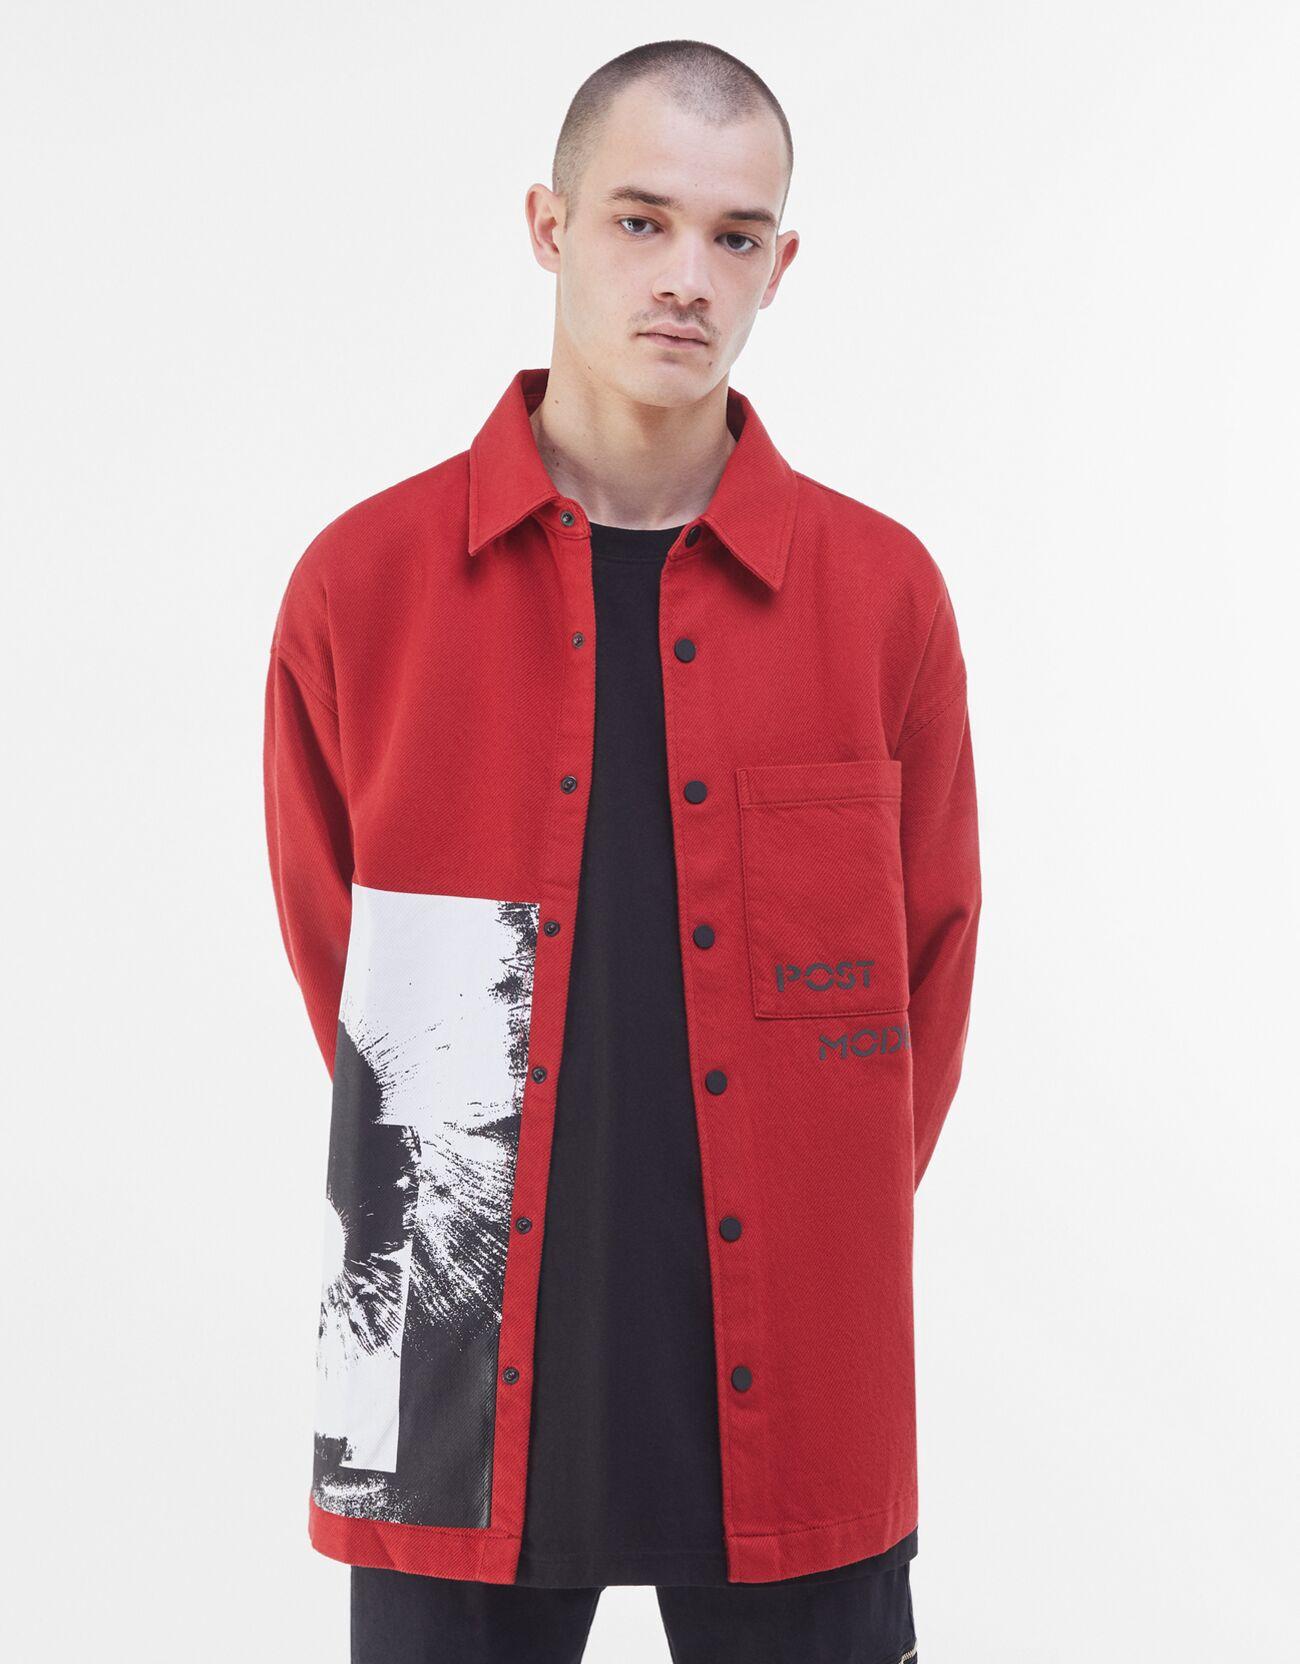 Artikel klicken und genauer betrachten! - Hemdjacke Mit Print Color: Rot Size: S Material: Baumwolle Farbe:Rot Größe: S   im Online Shop kaufen